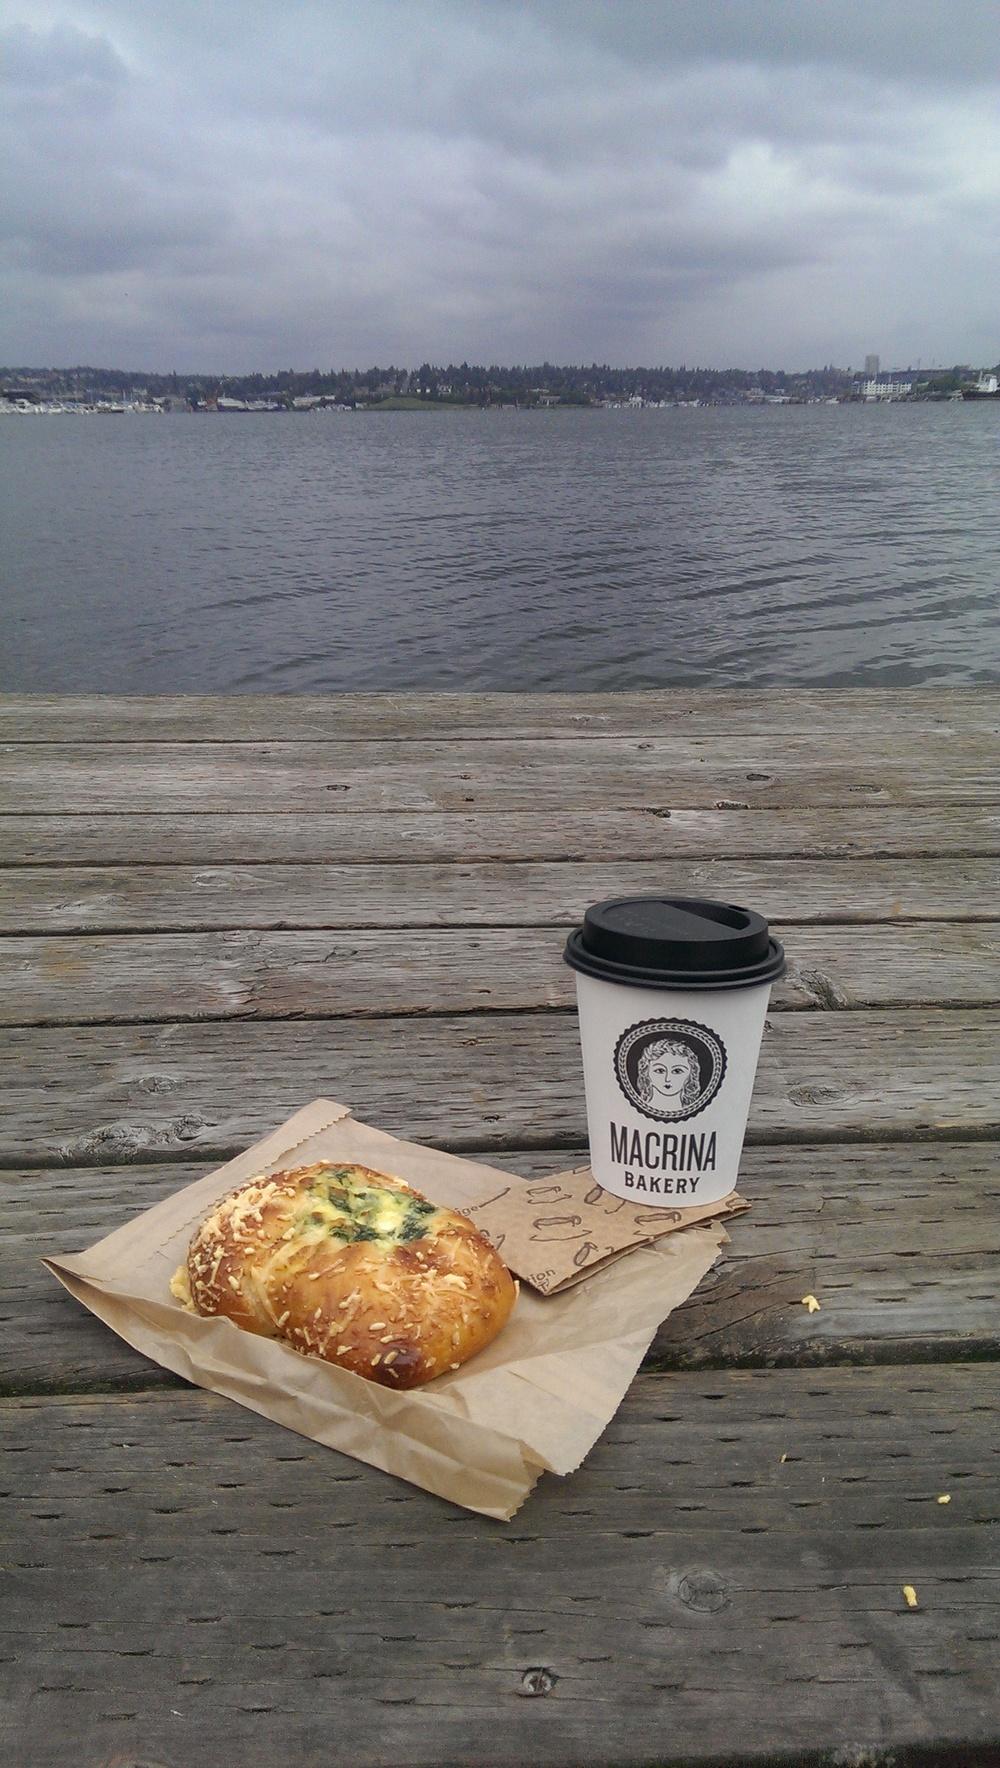 04 - Macrina Cafe Breakfast #1